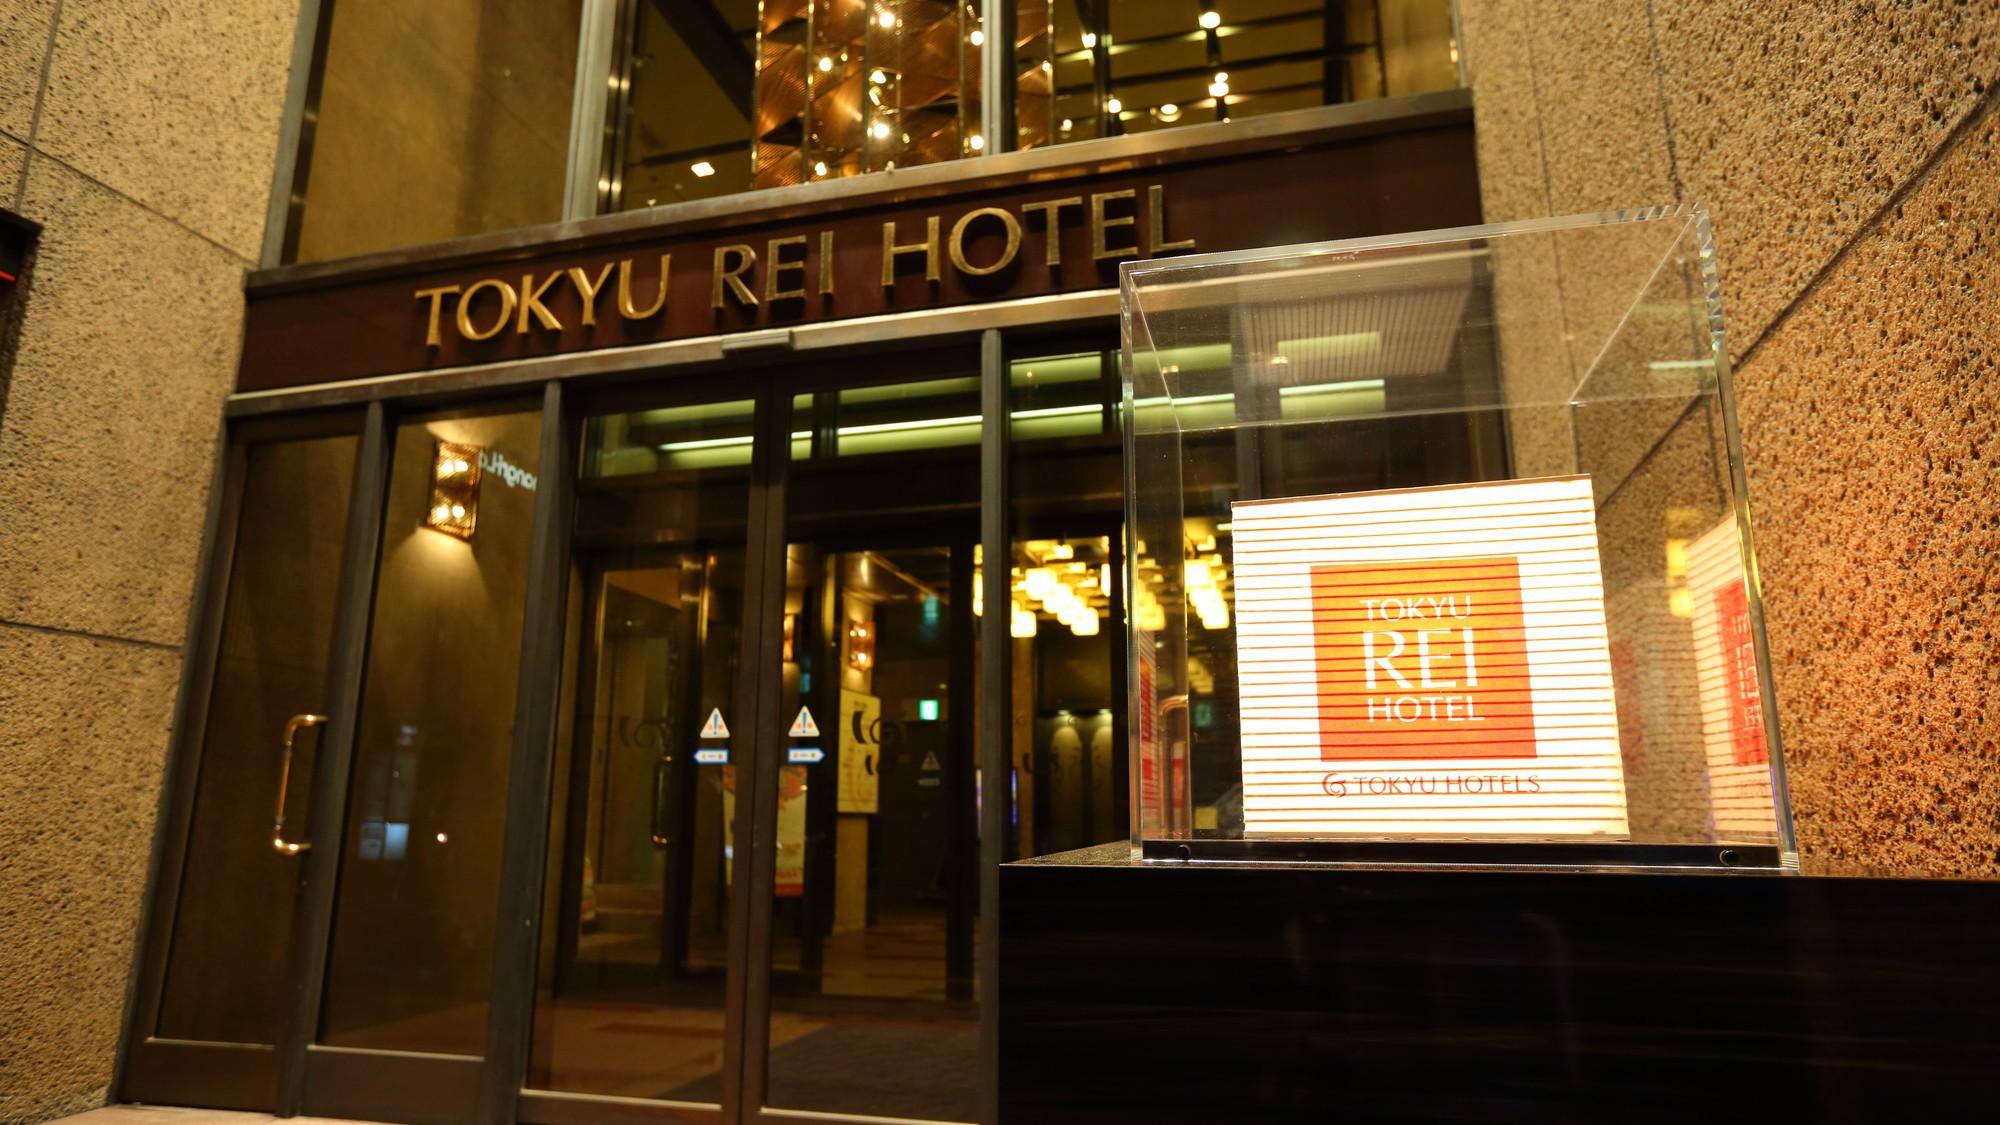 高松東急REIホテル image